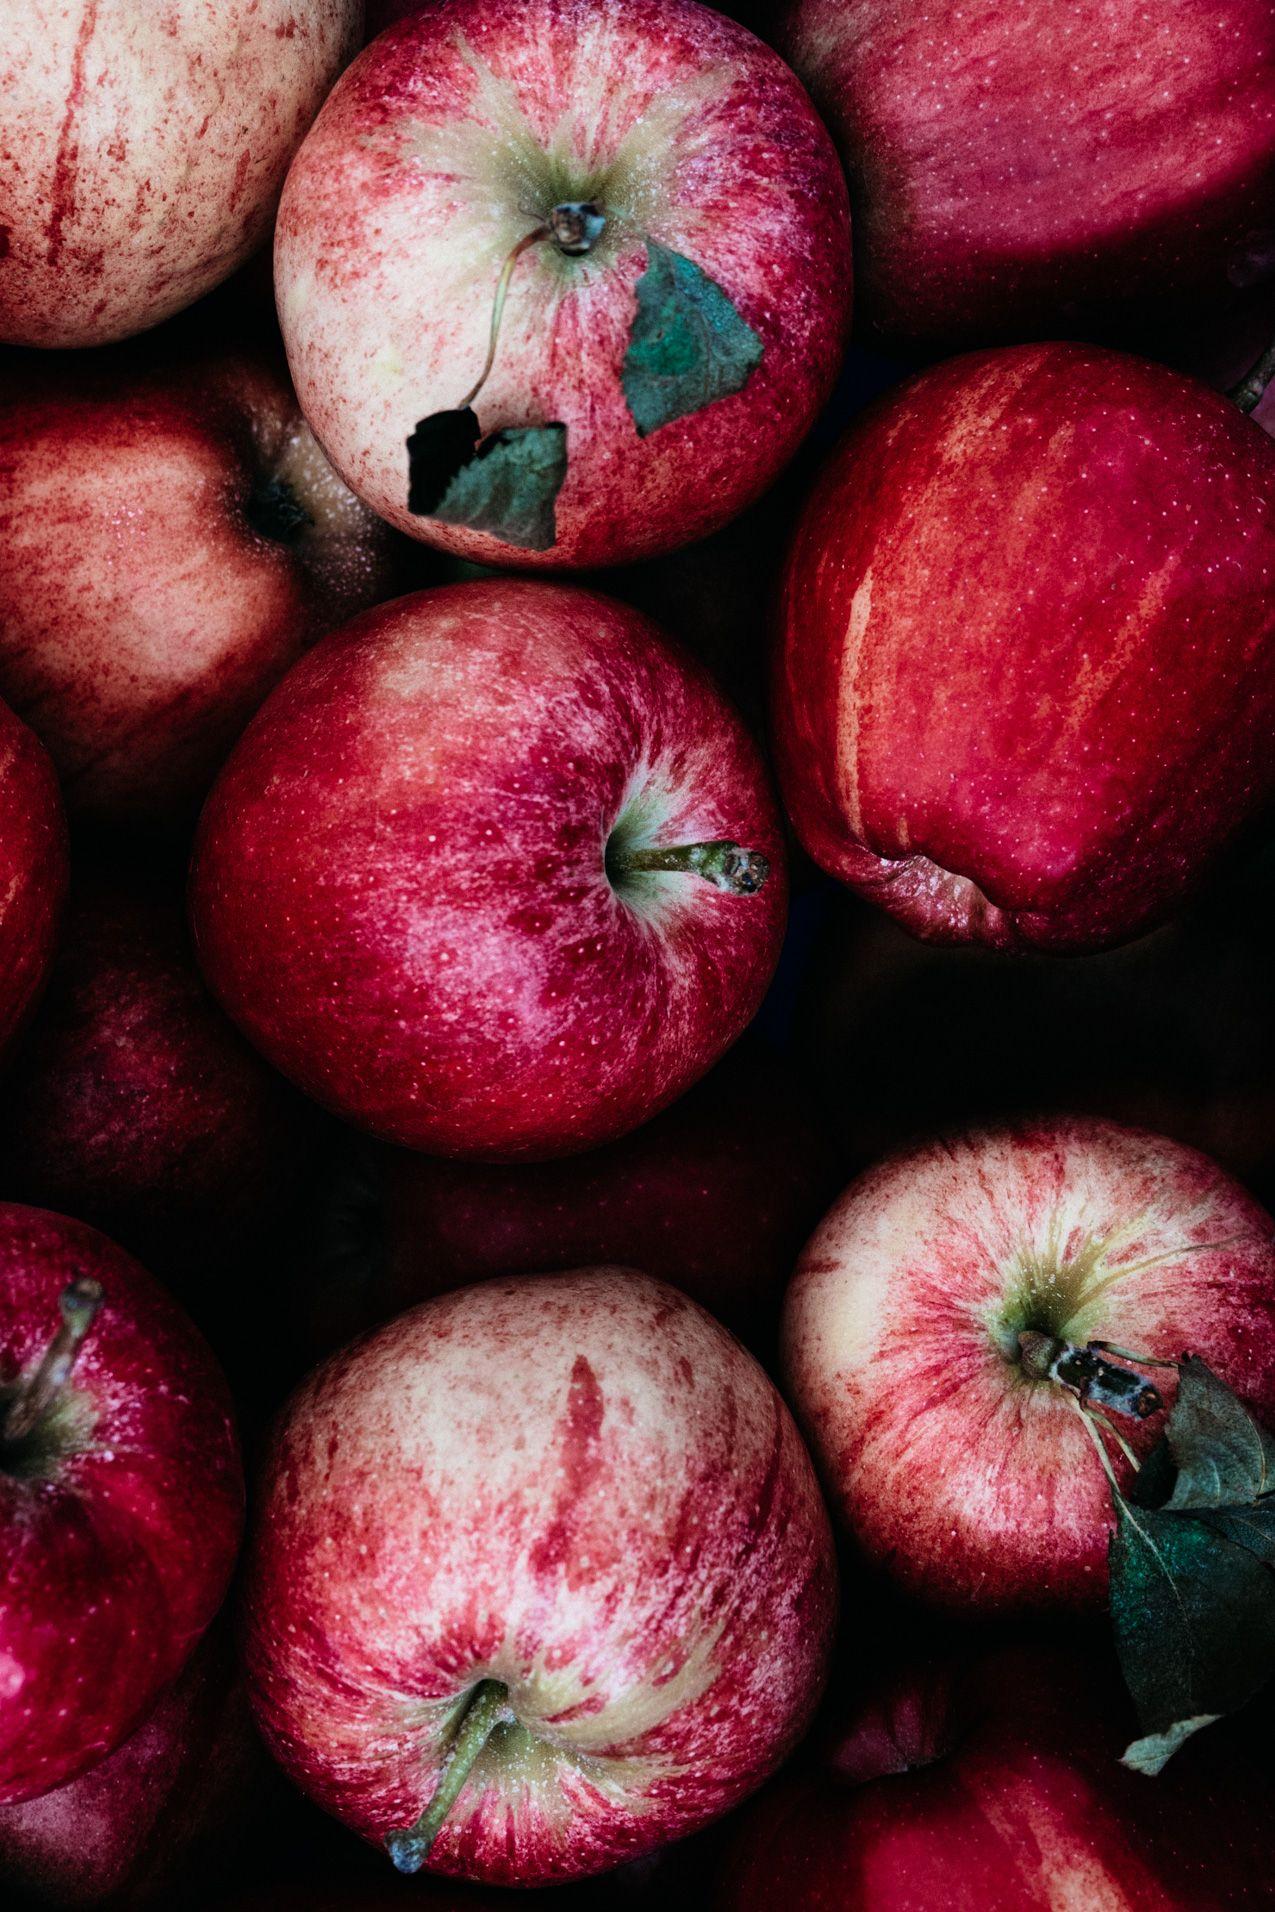 inside apples photos tumblr - 736×1103